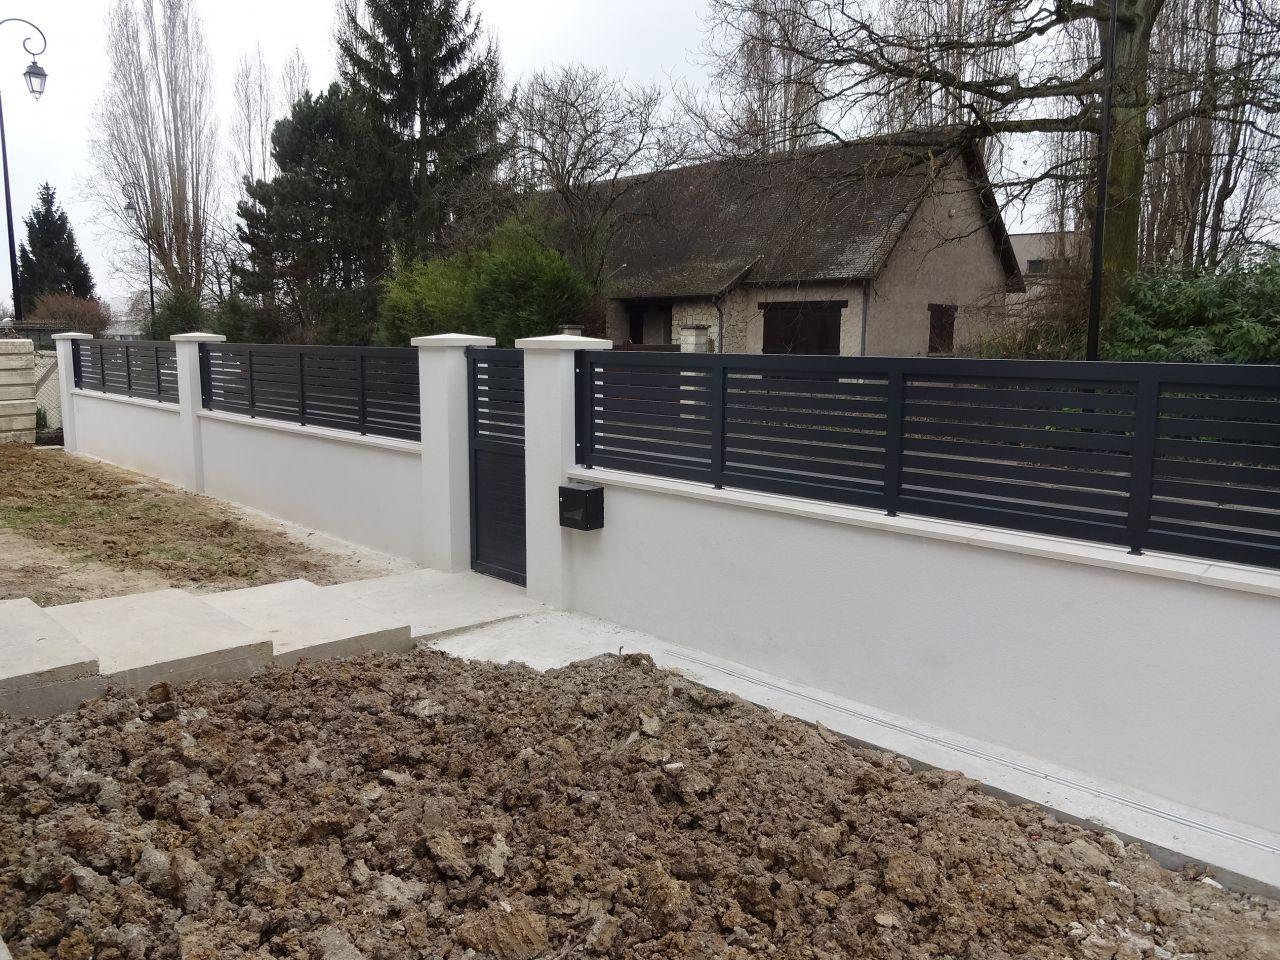 Portail gris - Le Plessis Trevise (Val De Marne - 94) - mars 2015